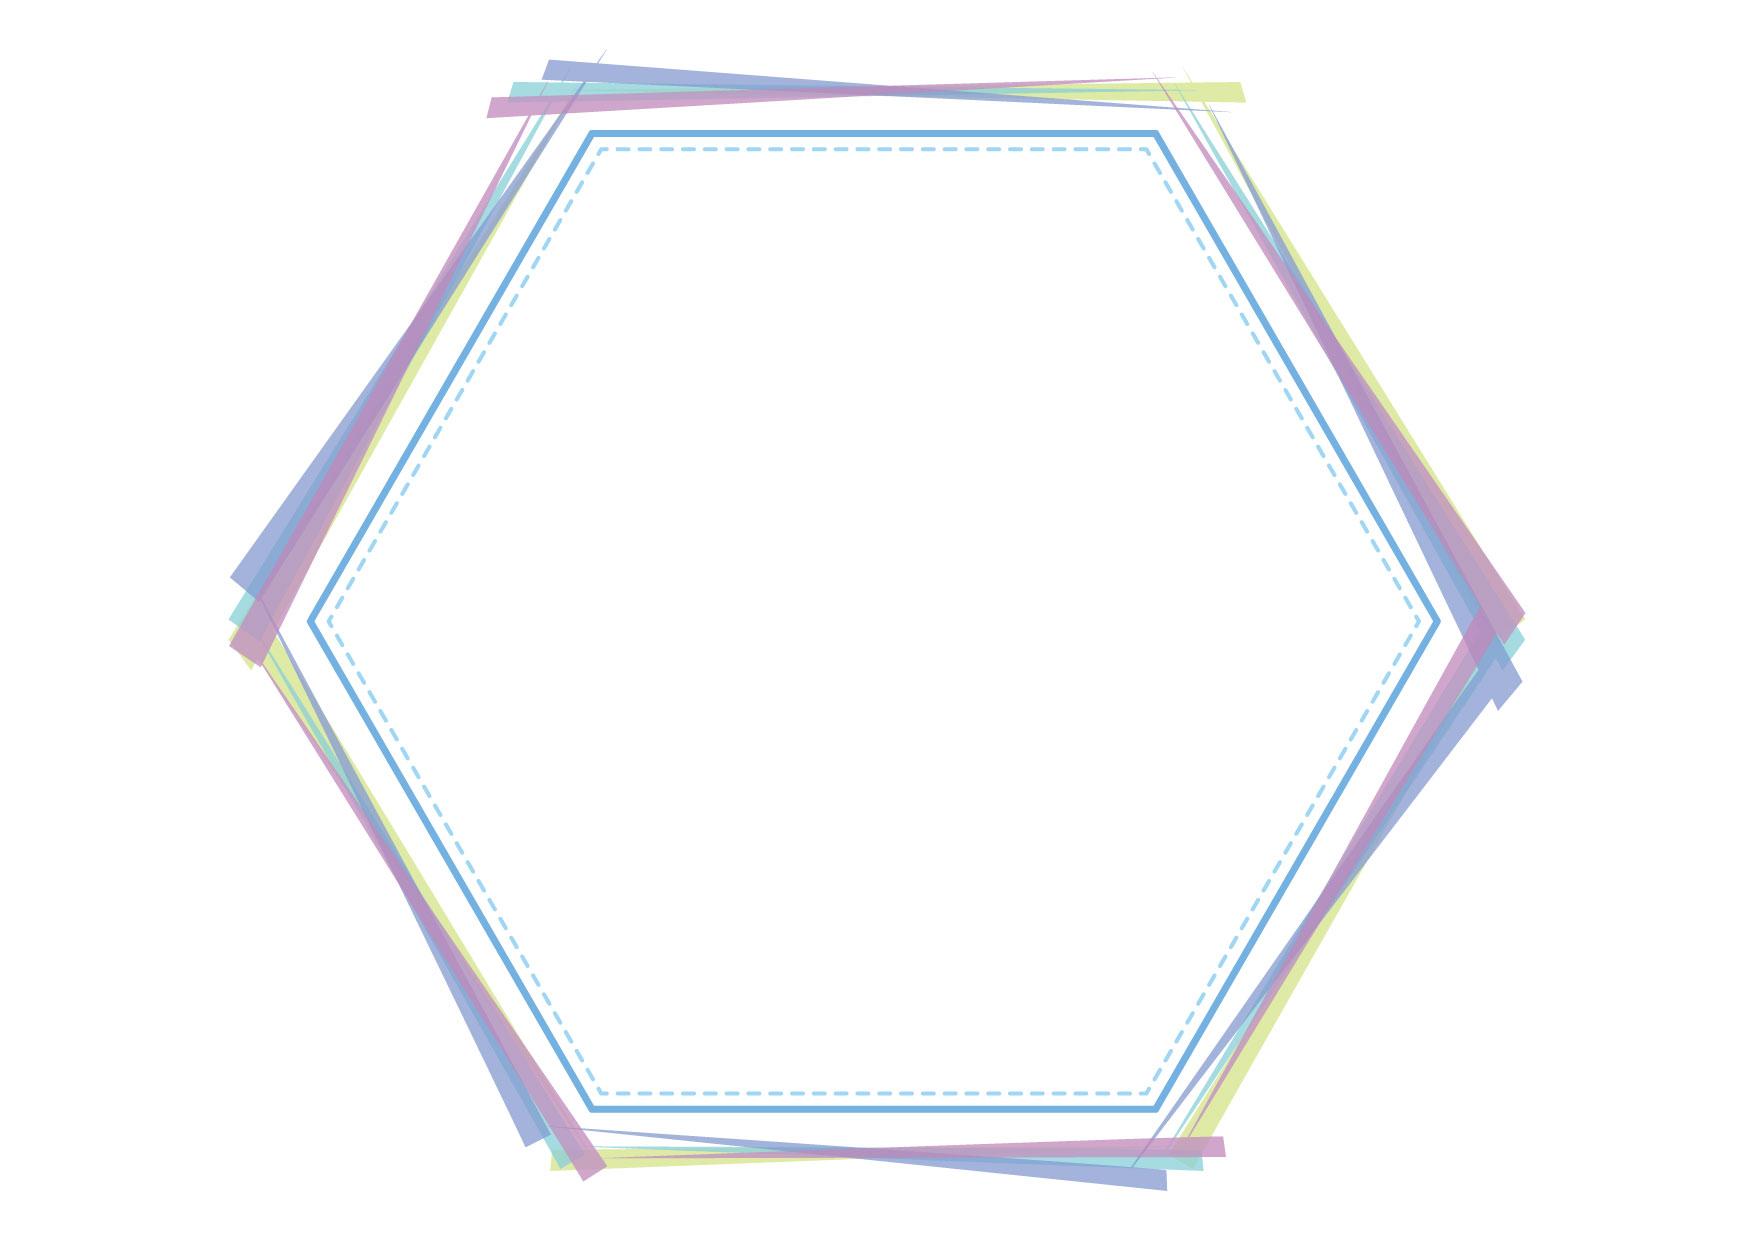 可愛いイラスト無料|フレーム 六角形 ブルー 背景 − free illustration Frame hexagon blue background